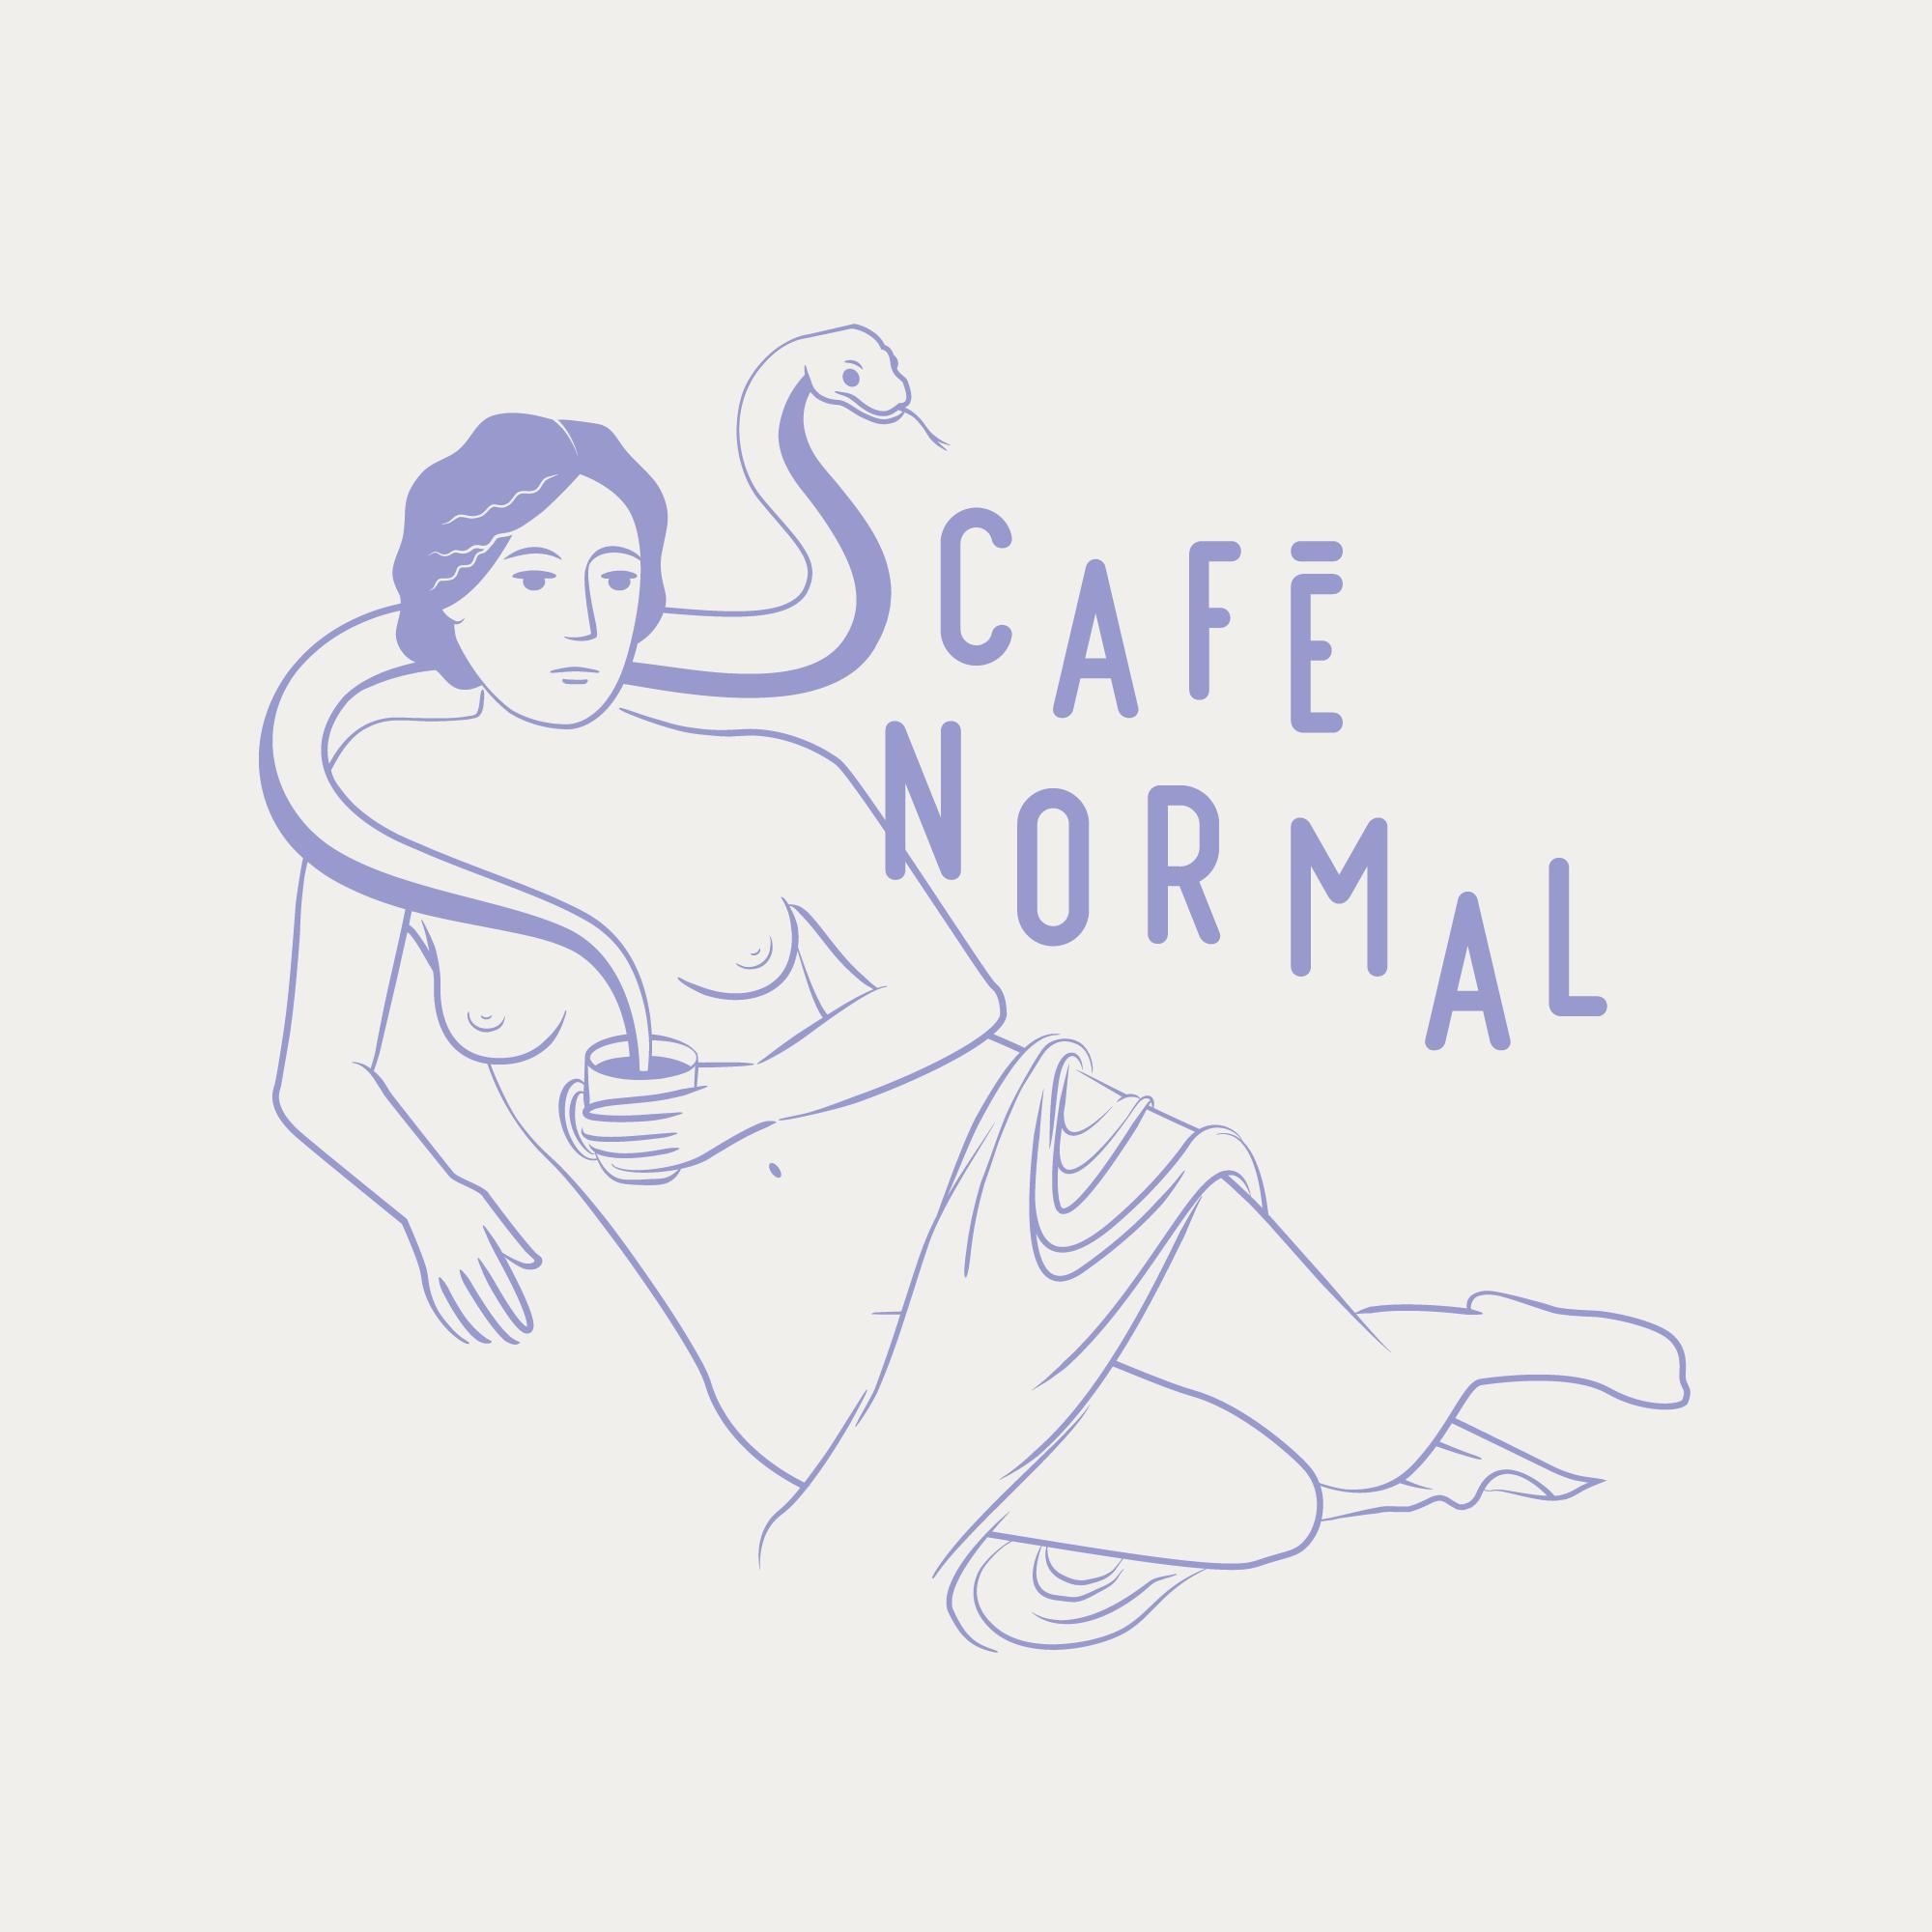 Café Normal